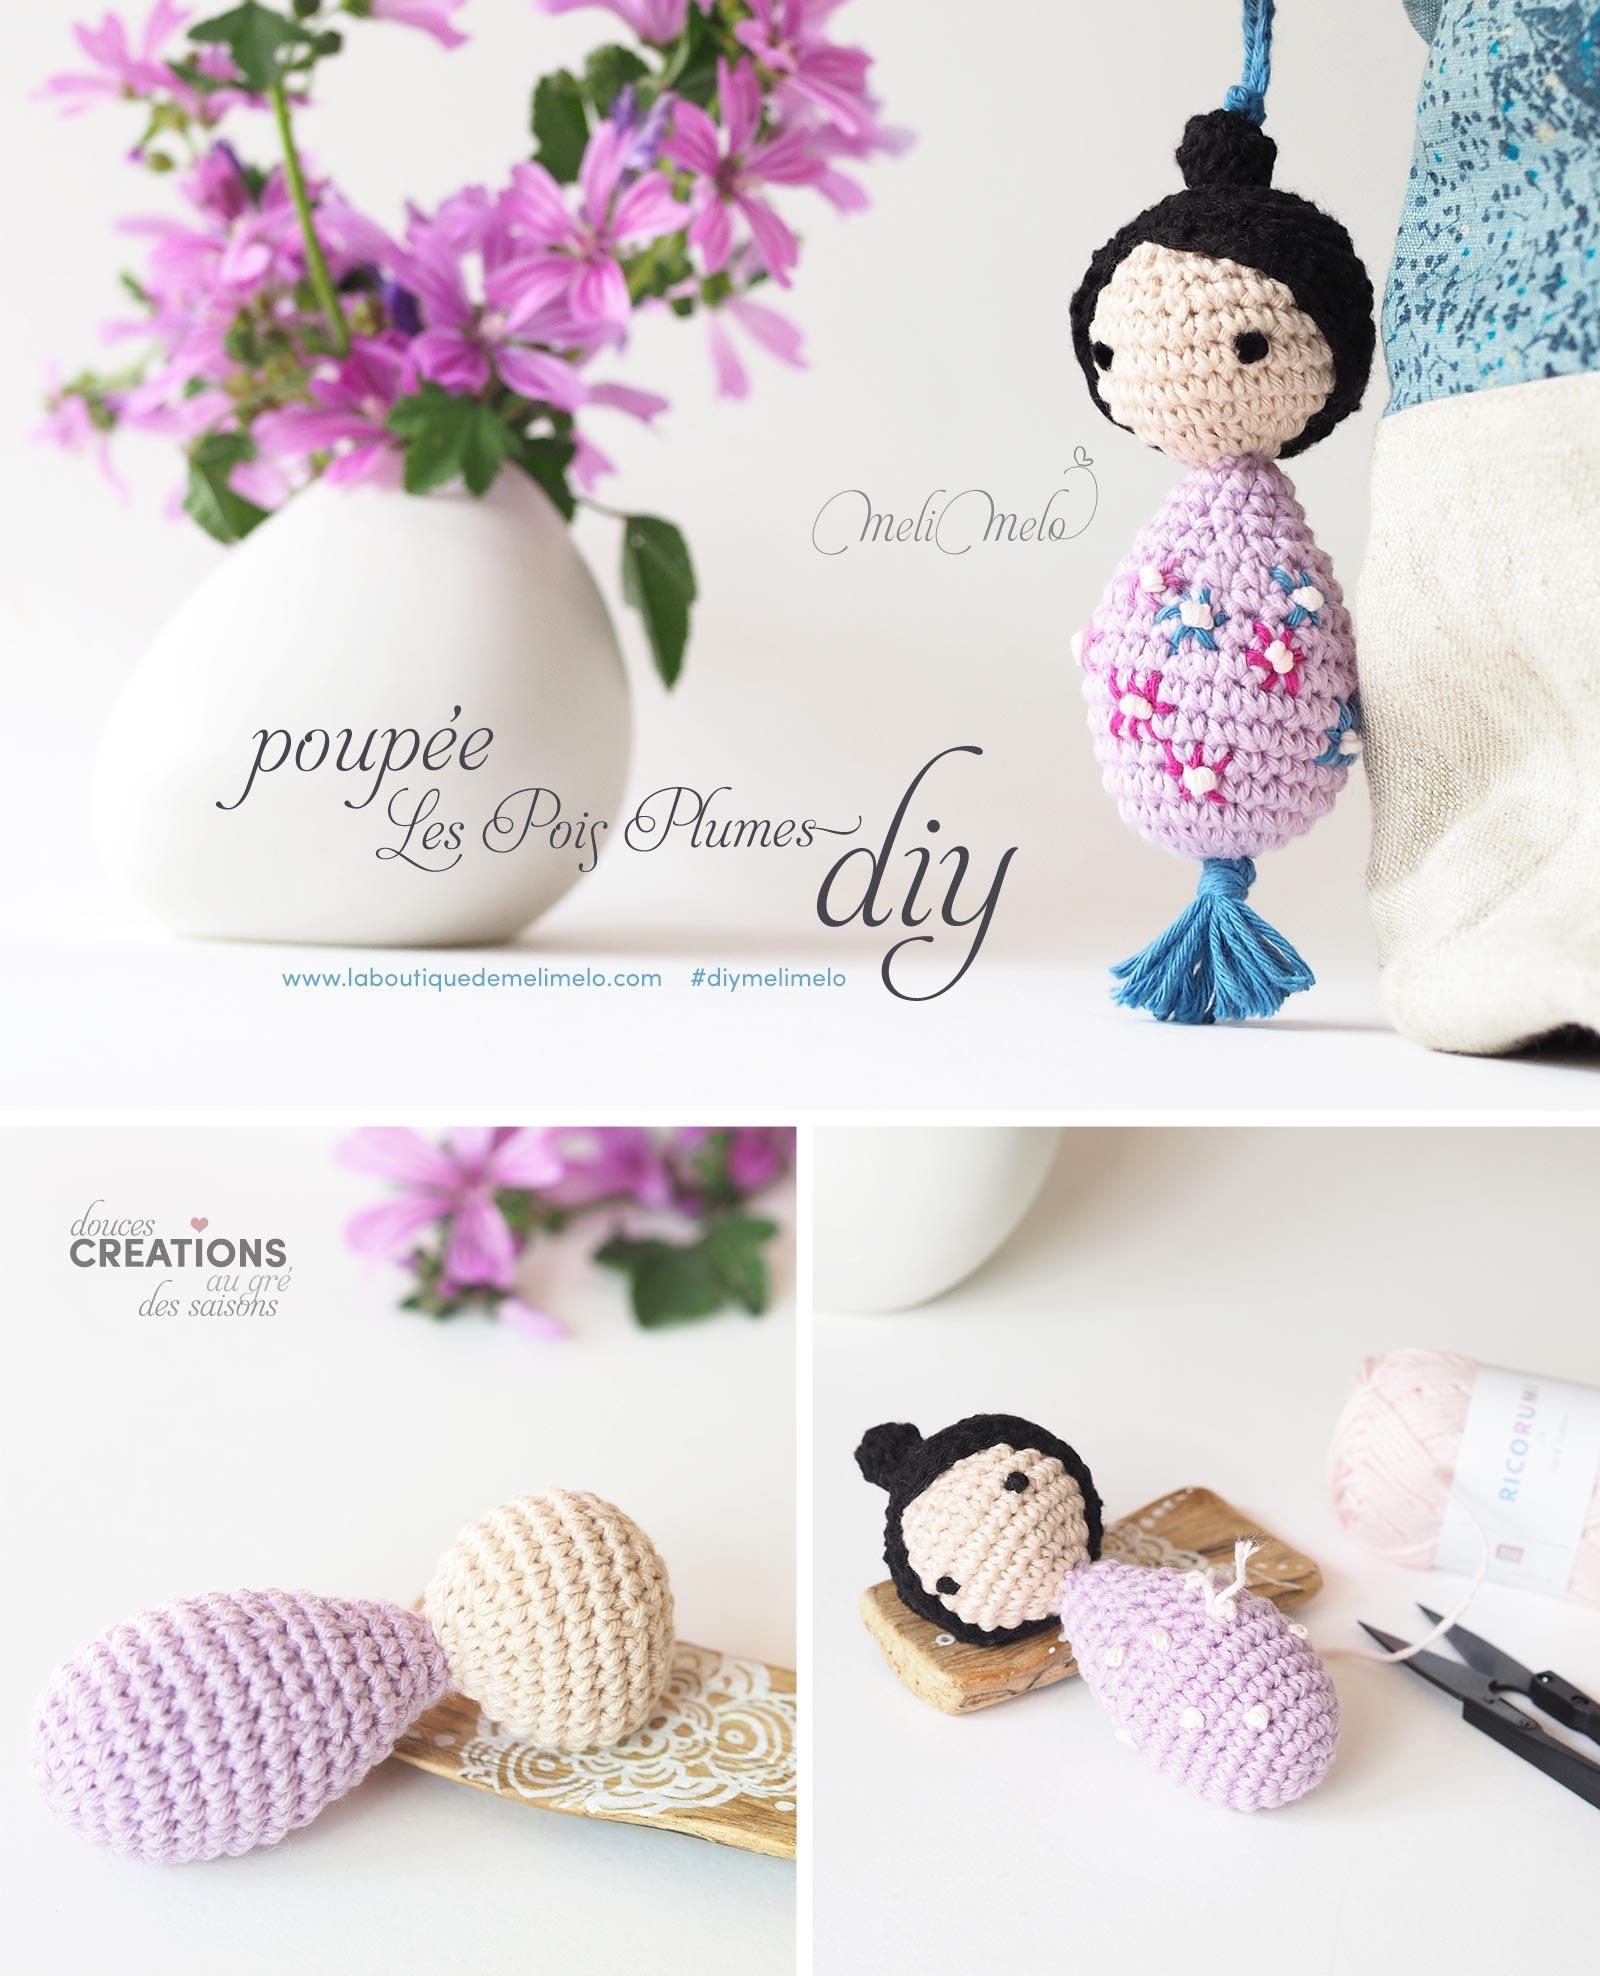 tutoriel diy pin poupée fleurie printemps Les Pois Plumes laboutiquedemelimelo